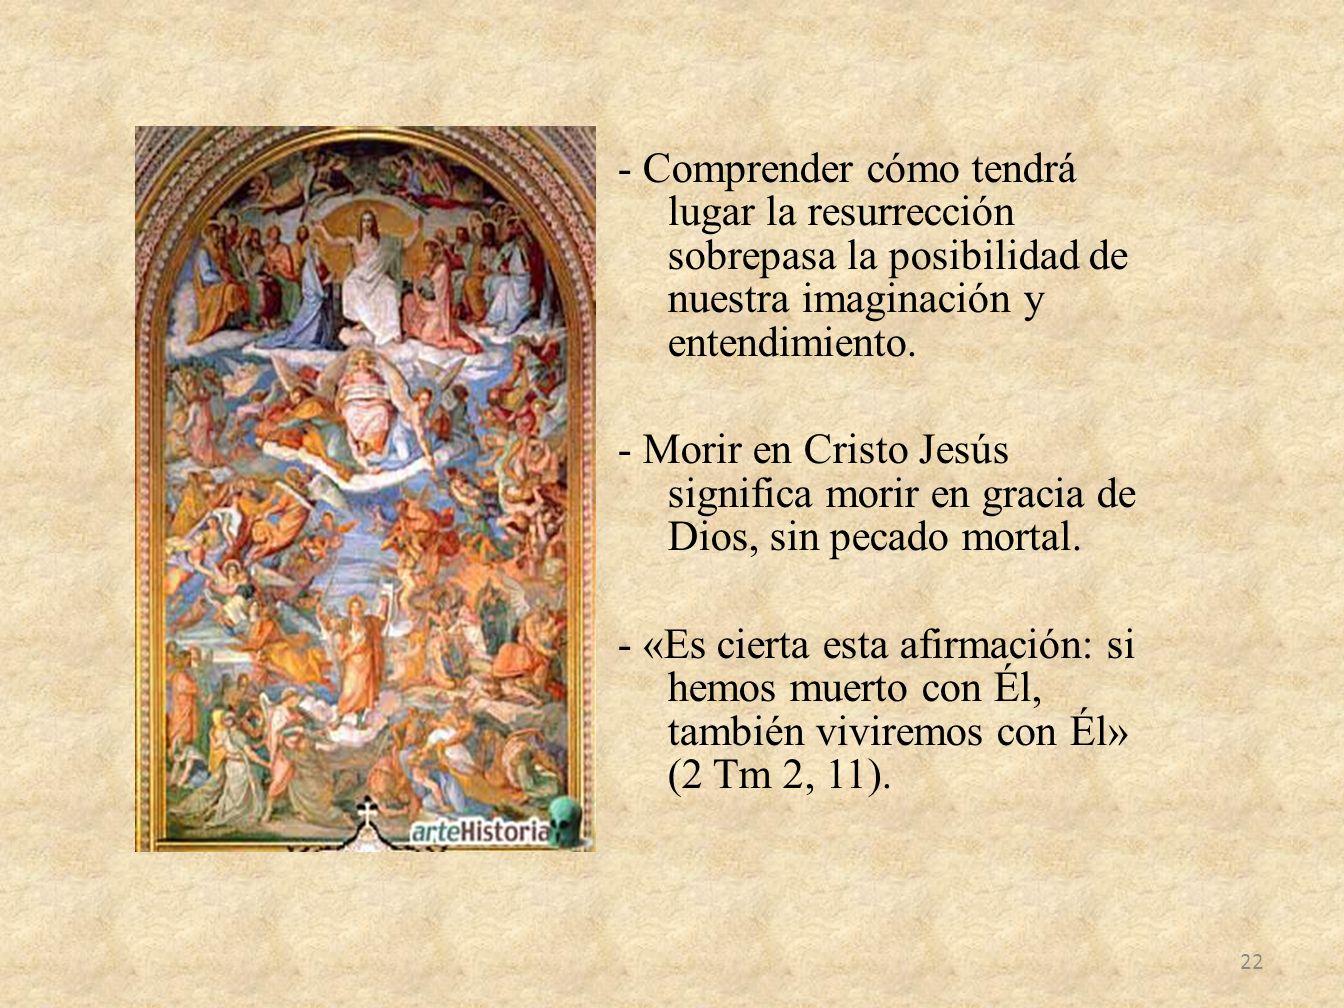 - Comprender cómo tendrá lugar la resurrección sobrepasa la posibilidad de nuestra imaginación y entendimiento. - Morir en Cristo Jesús significa mori